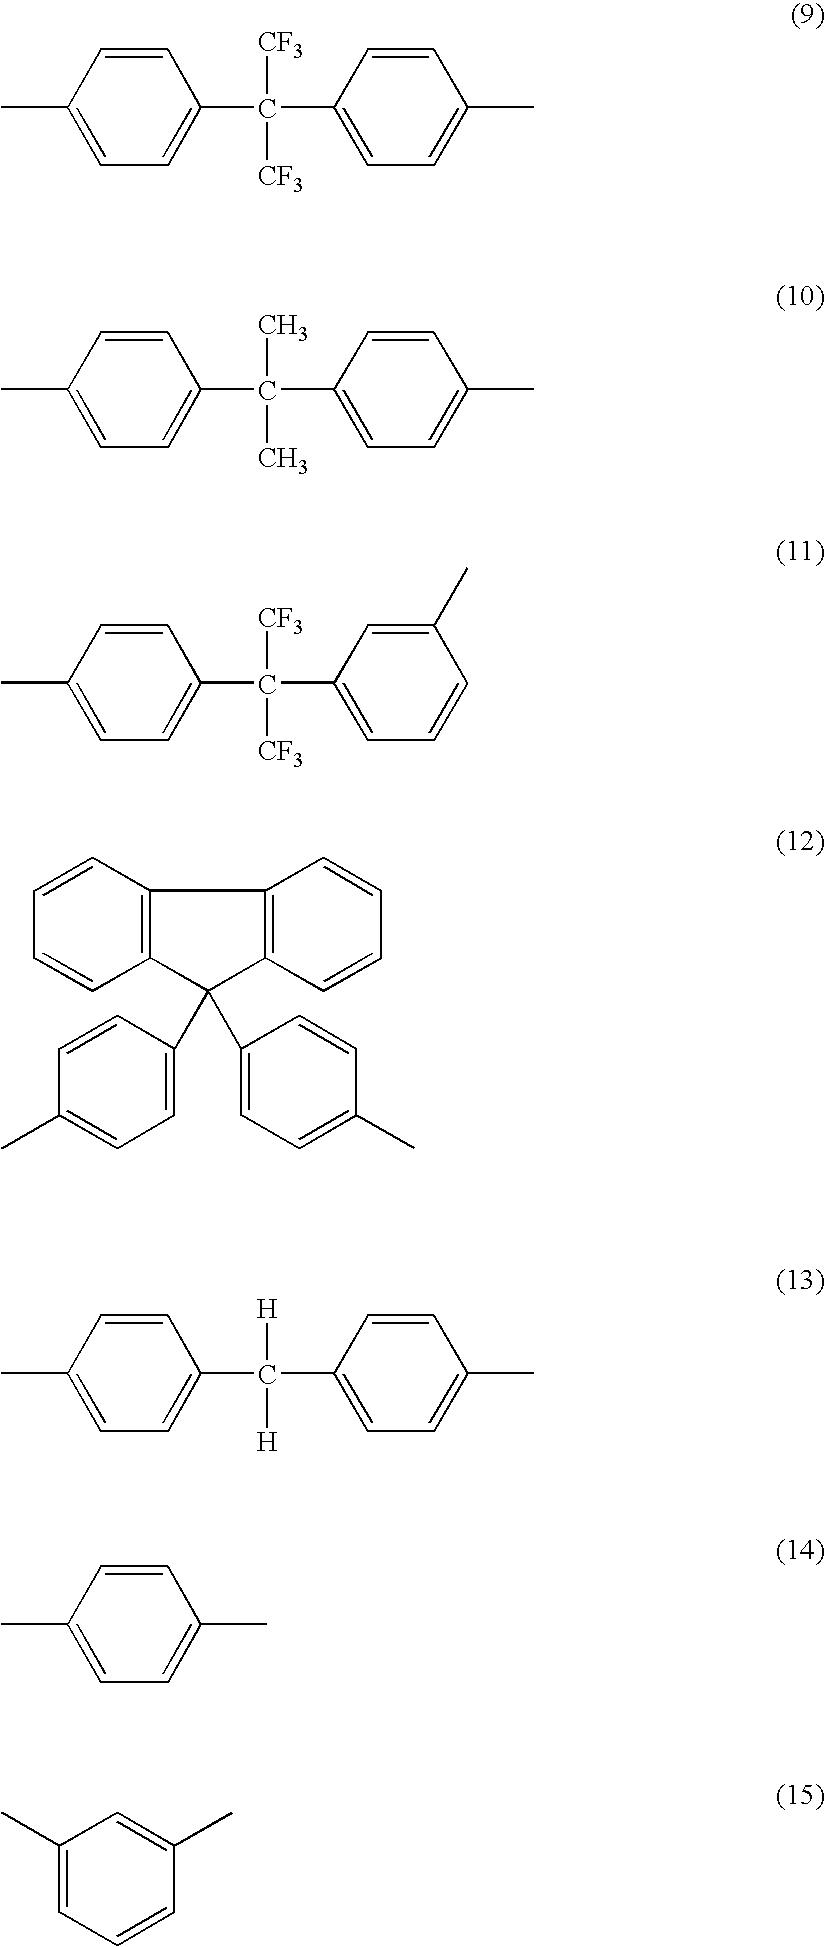 Figure US20060182896A1-20060817-C00007